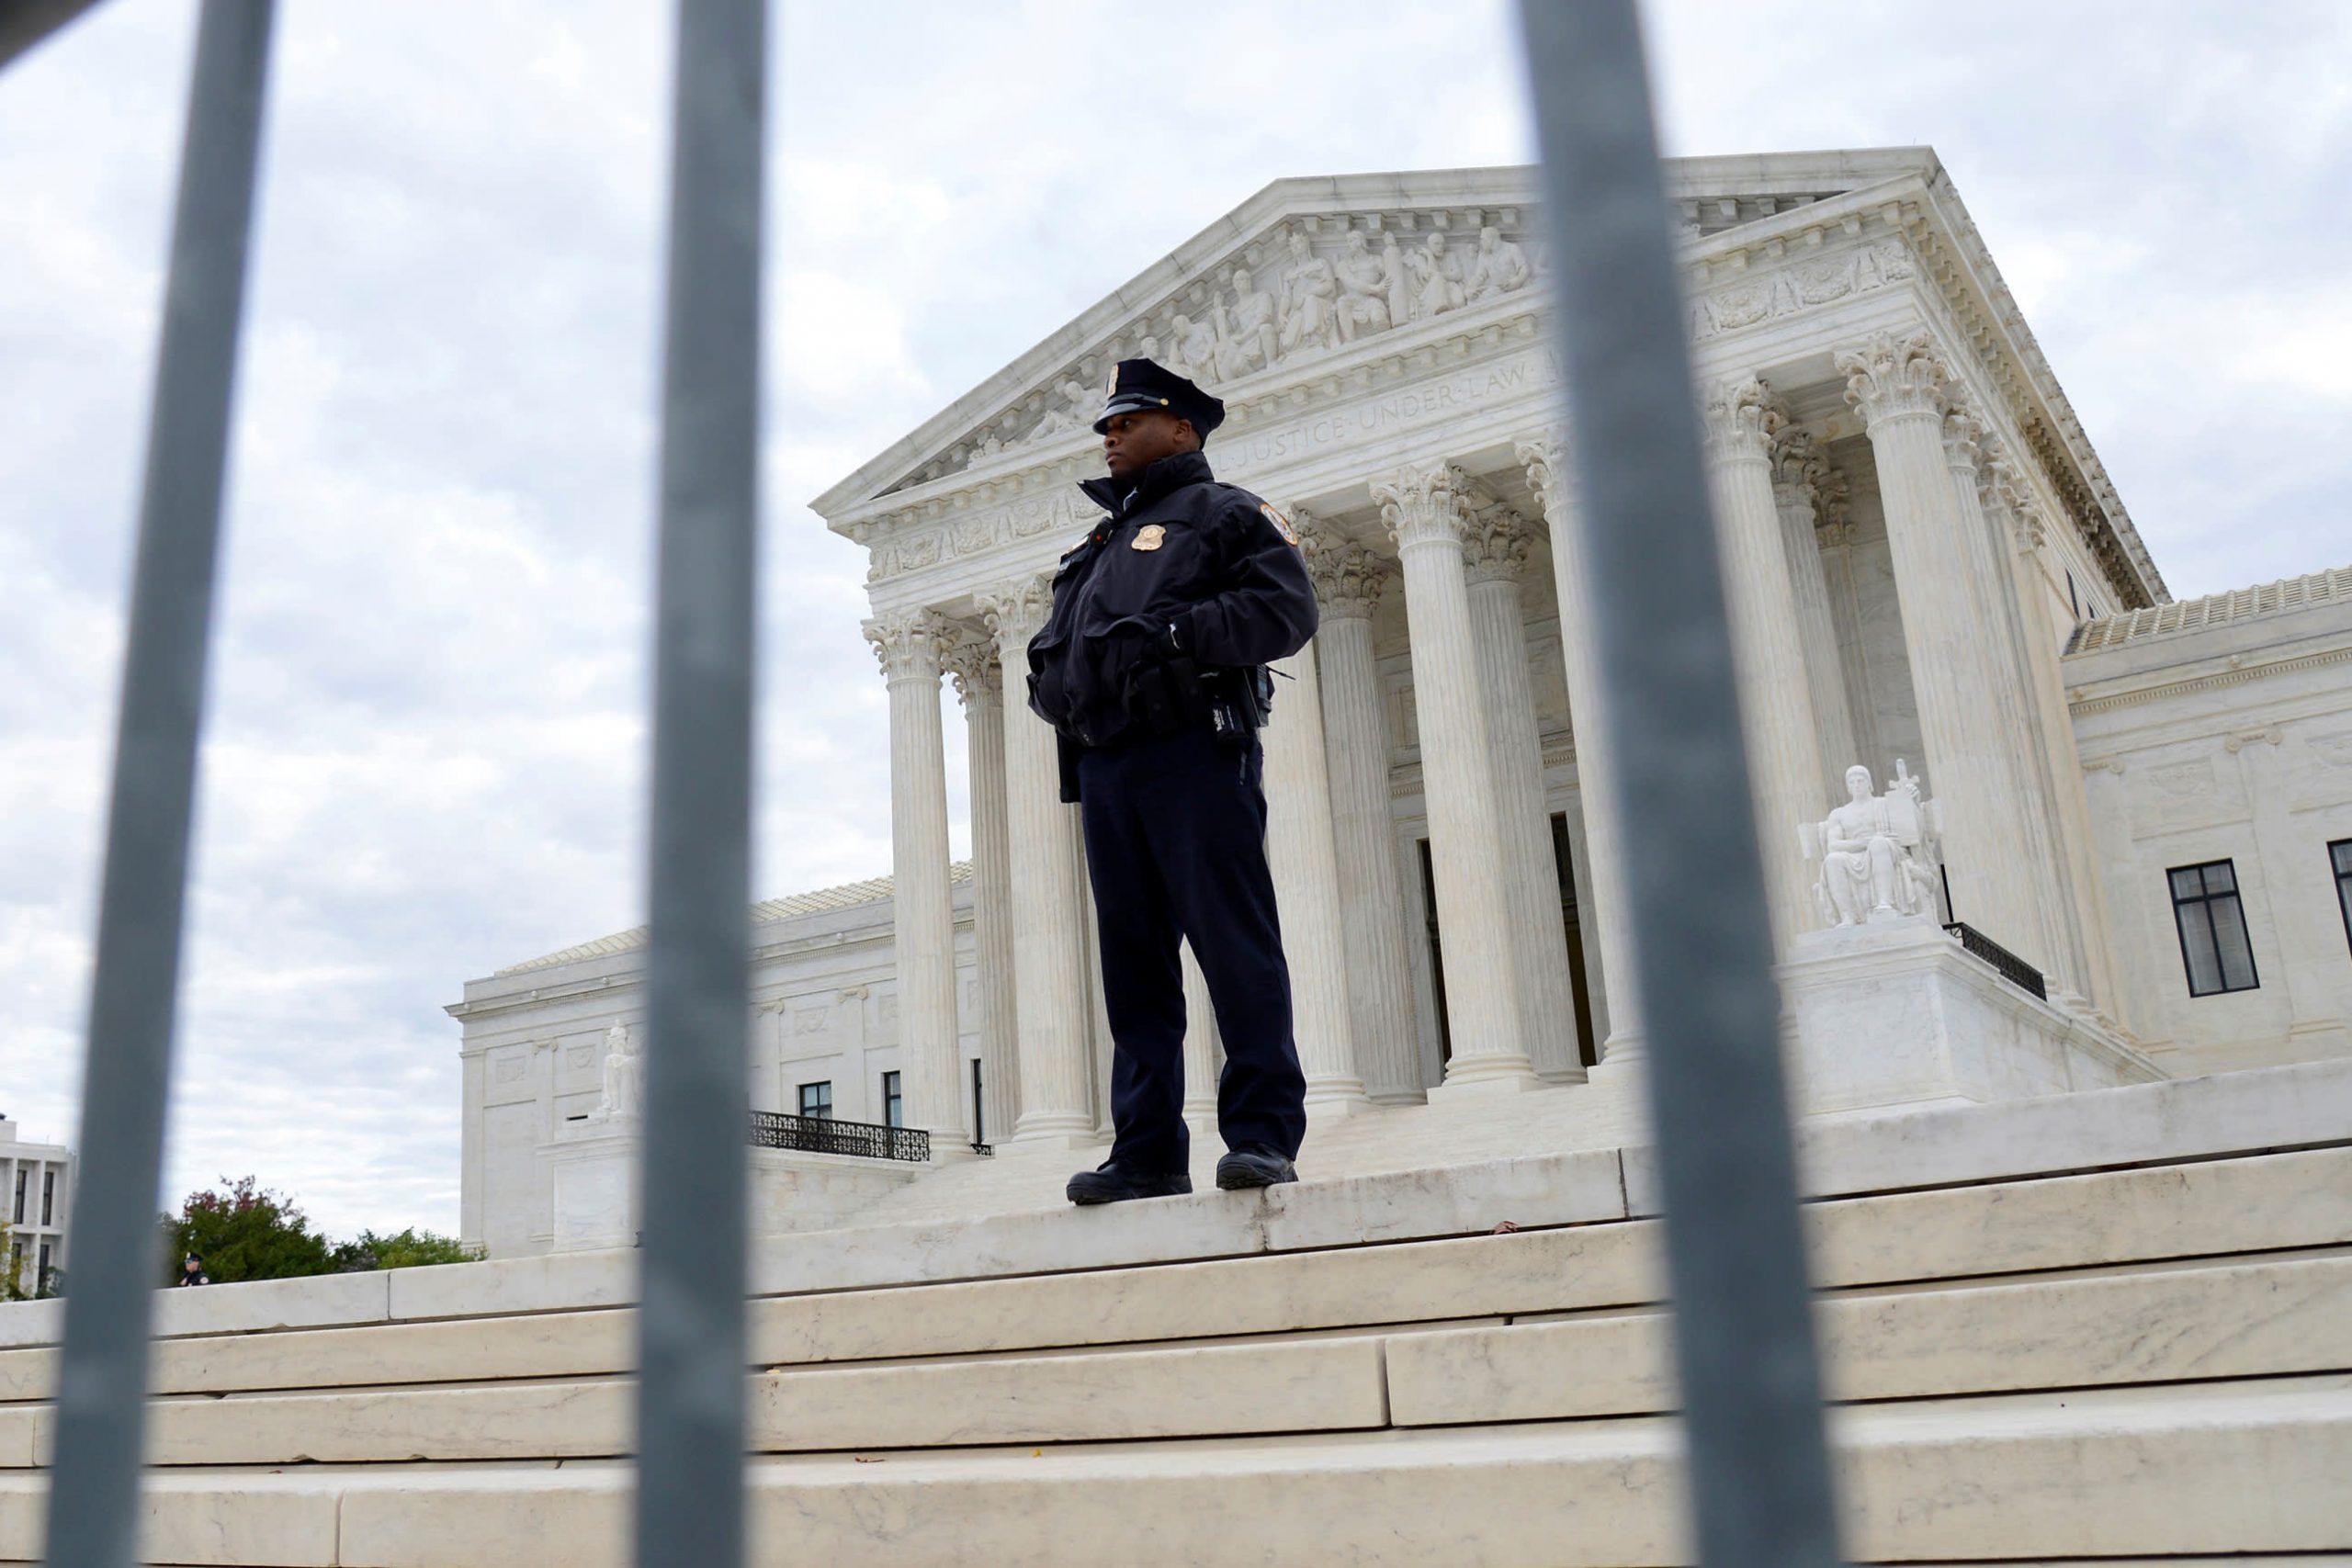 La Corte Suprema se niega a decidir si el dueño de una florería religiosa puede negar las bodas entre personas del mismo sexo